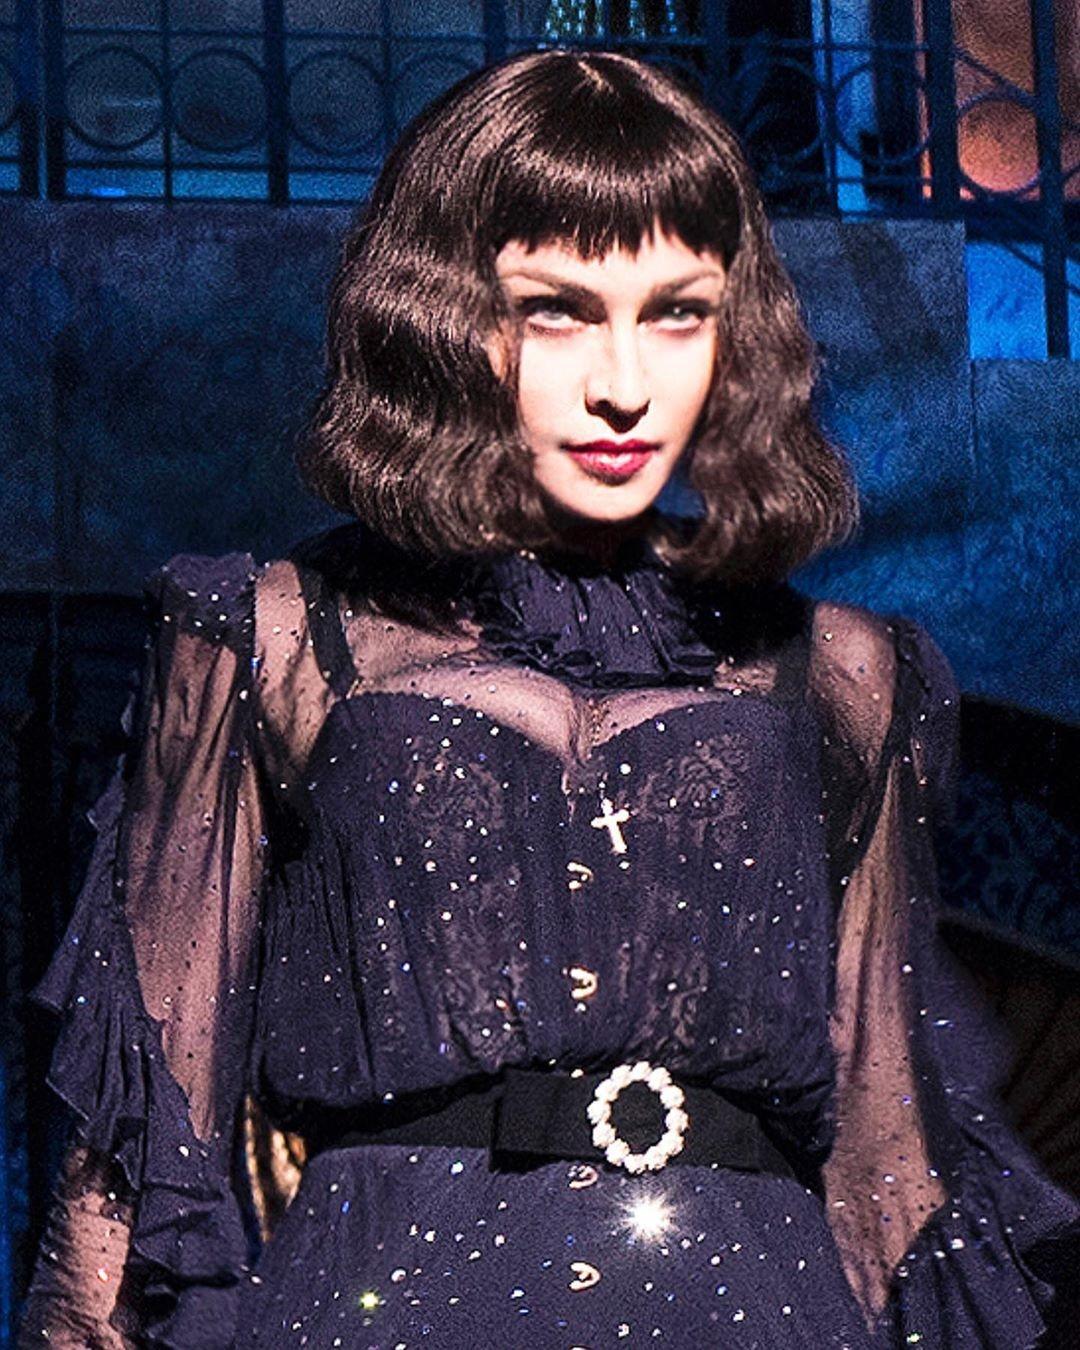 Madonna estreia turnê e compartilha imagens após adiar início de série de shows - Notícias - Plantão Diário